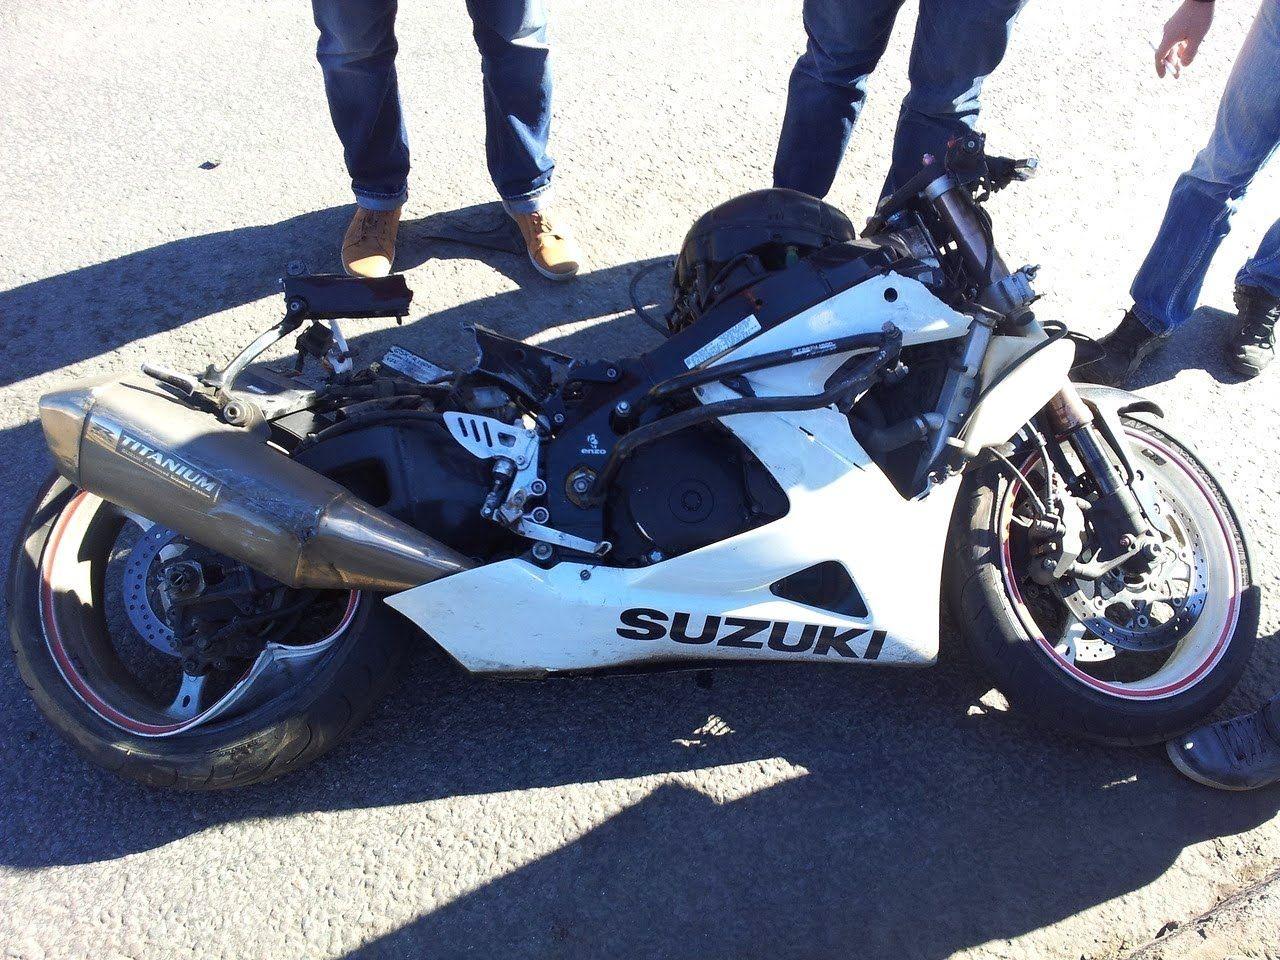 Suzuki Jigster Motorcycle